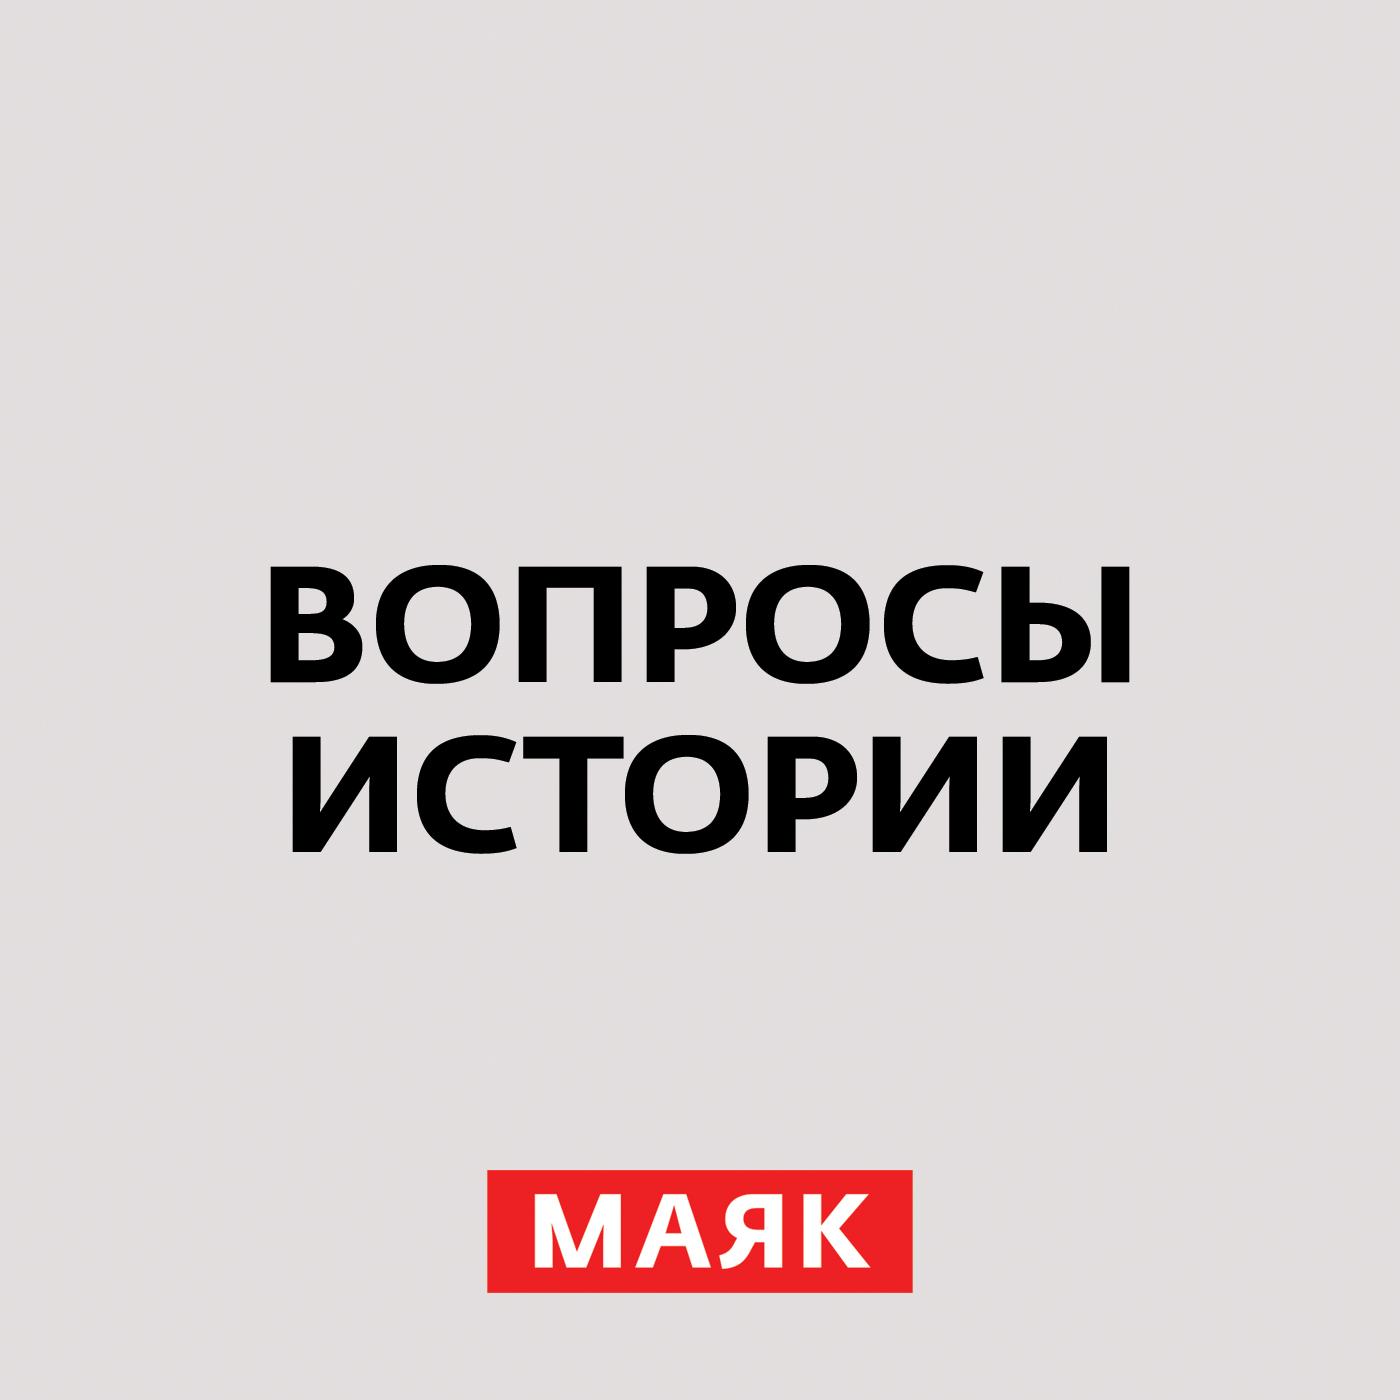 Андрей Светенко Русско-турецкие войны: парадоксальное и малоизвестное. Часть 3